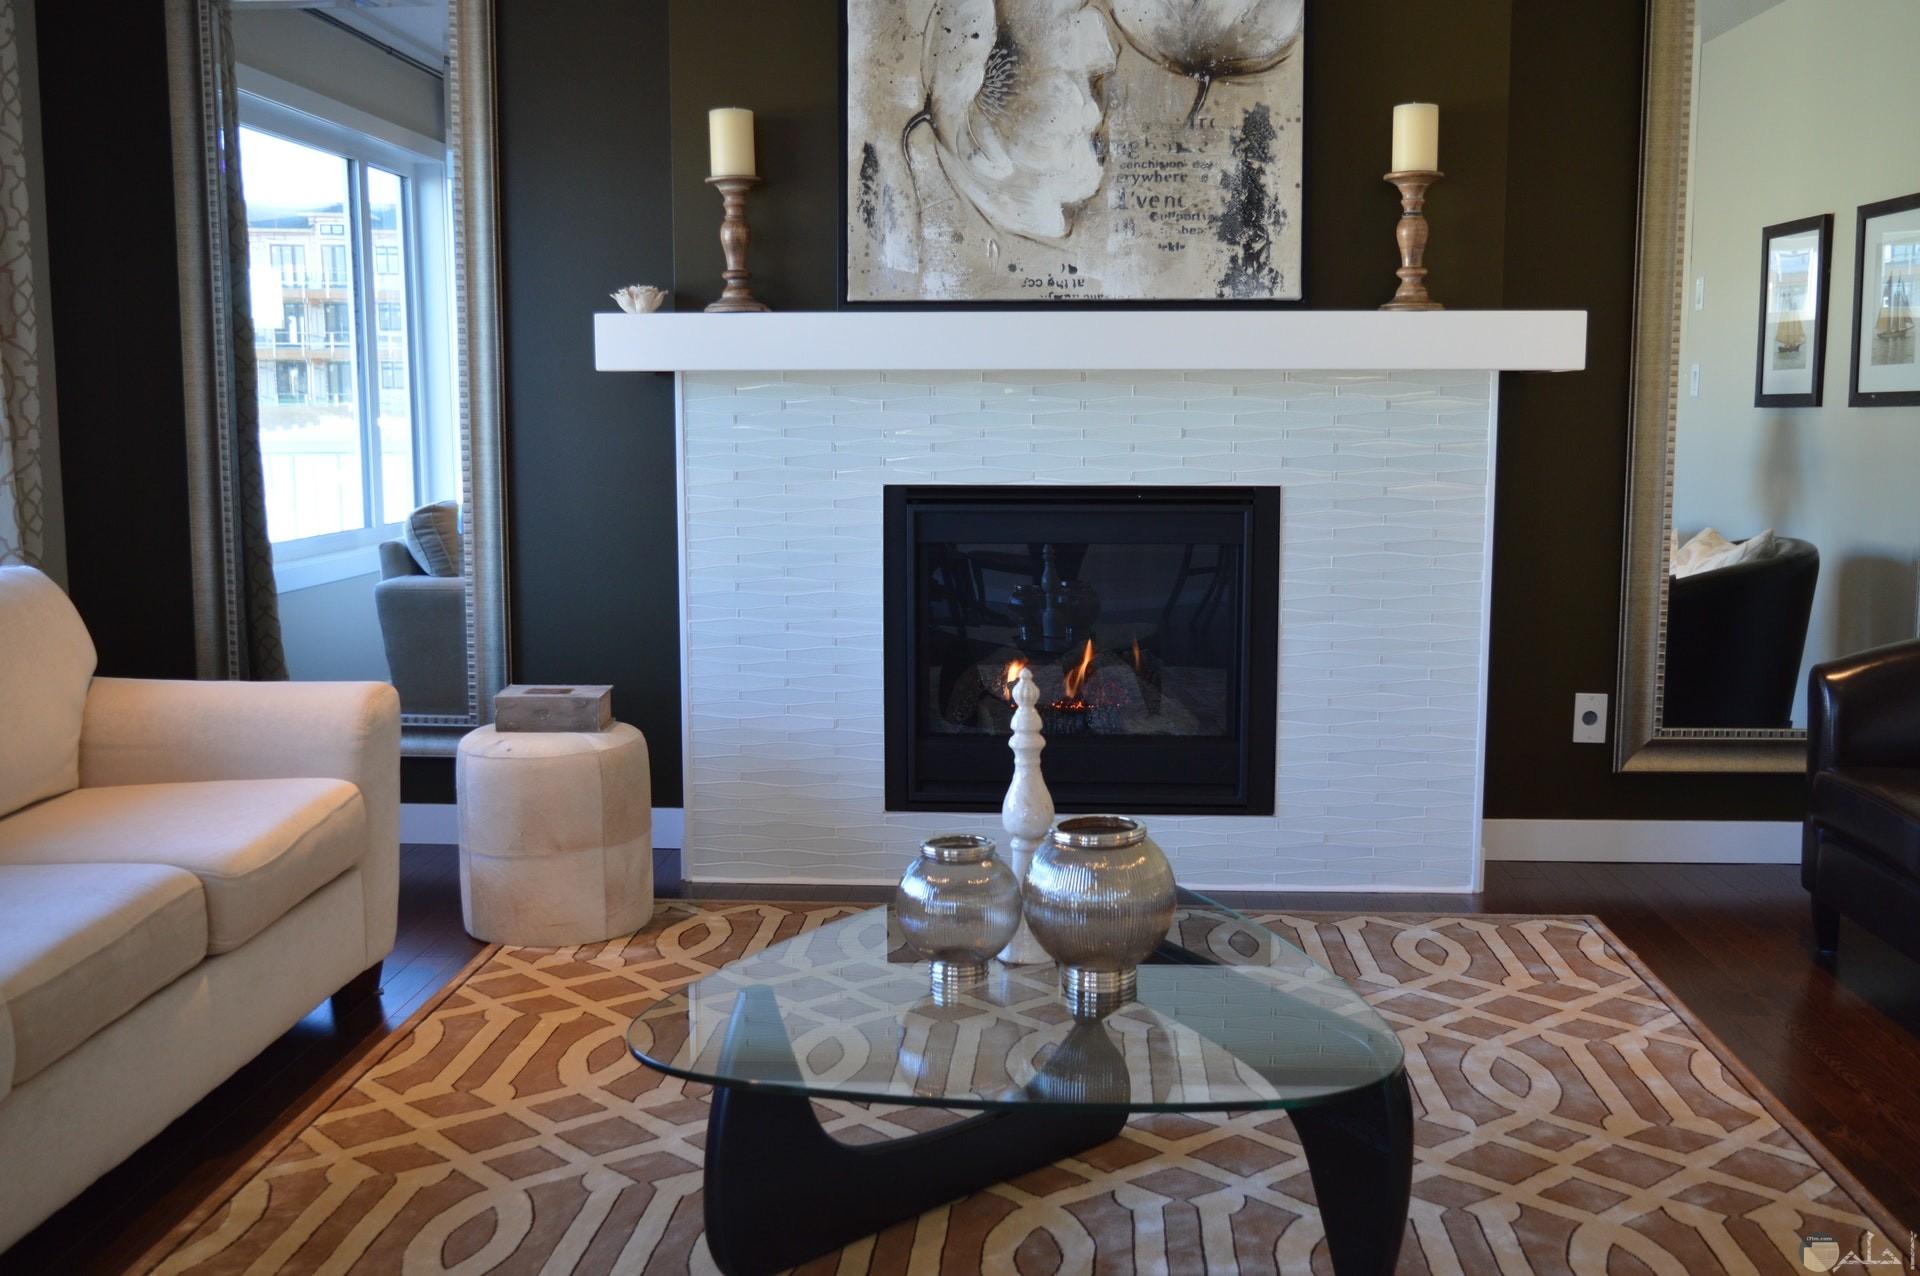 صورة لديكور جميل هادئ وركنة باللون الأبيض وطاولة زجاجية مع لوحة جميلة ولون جدار فخم